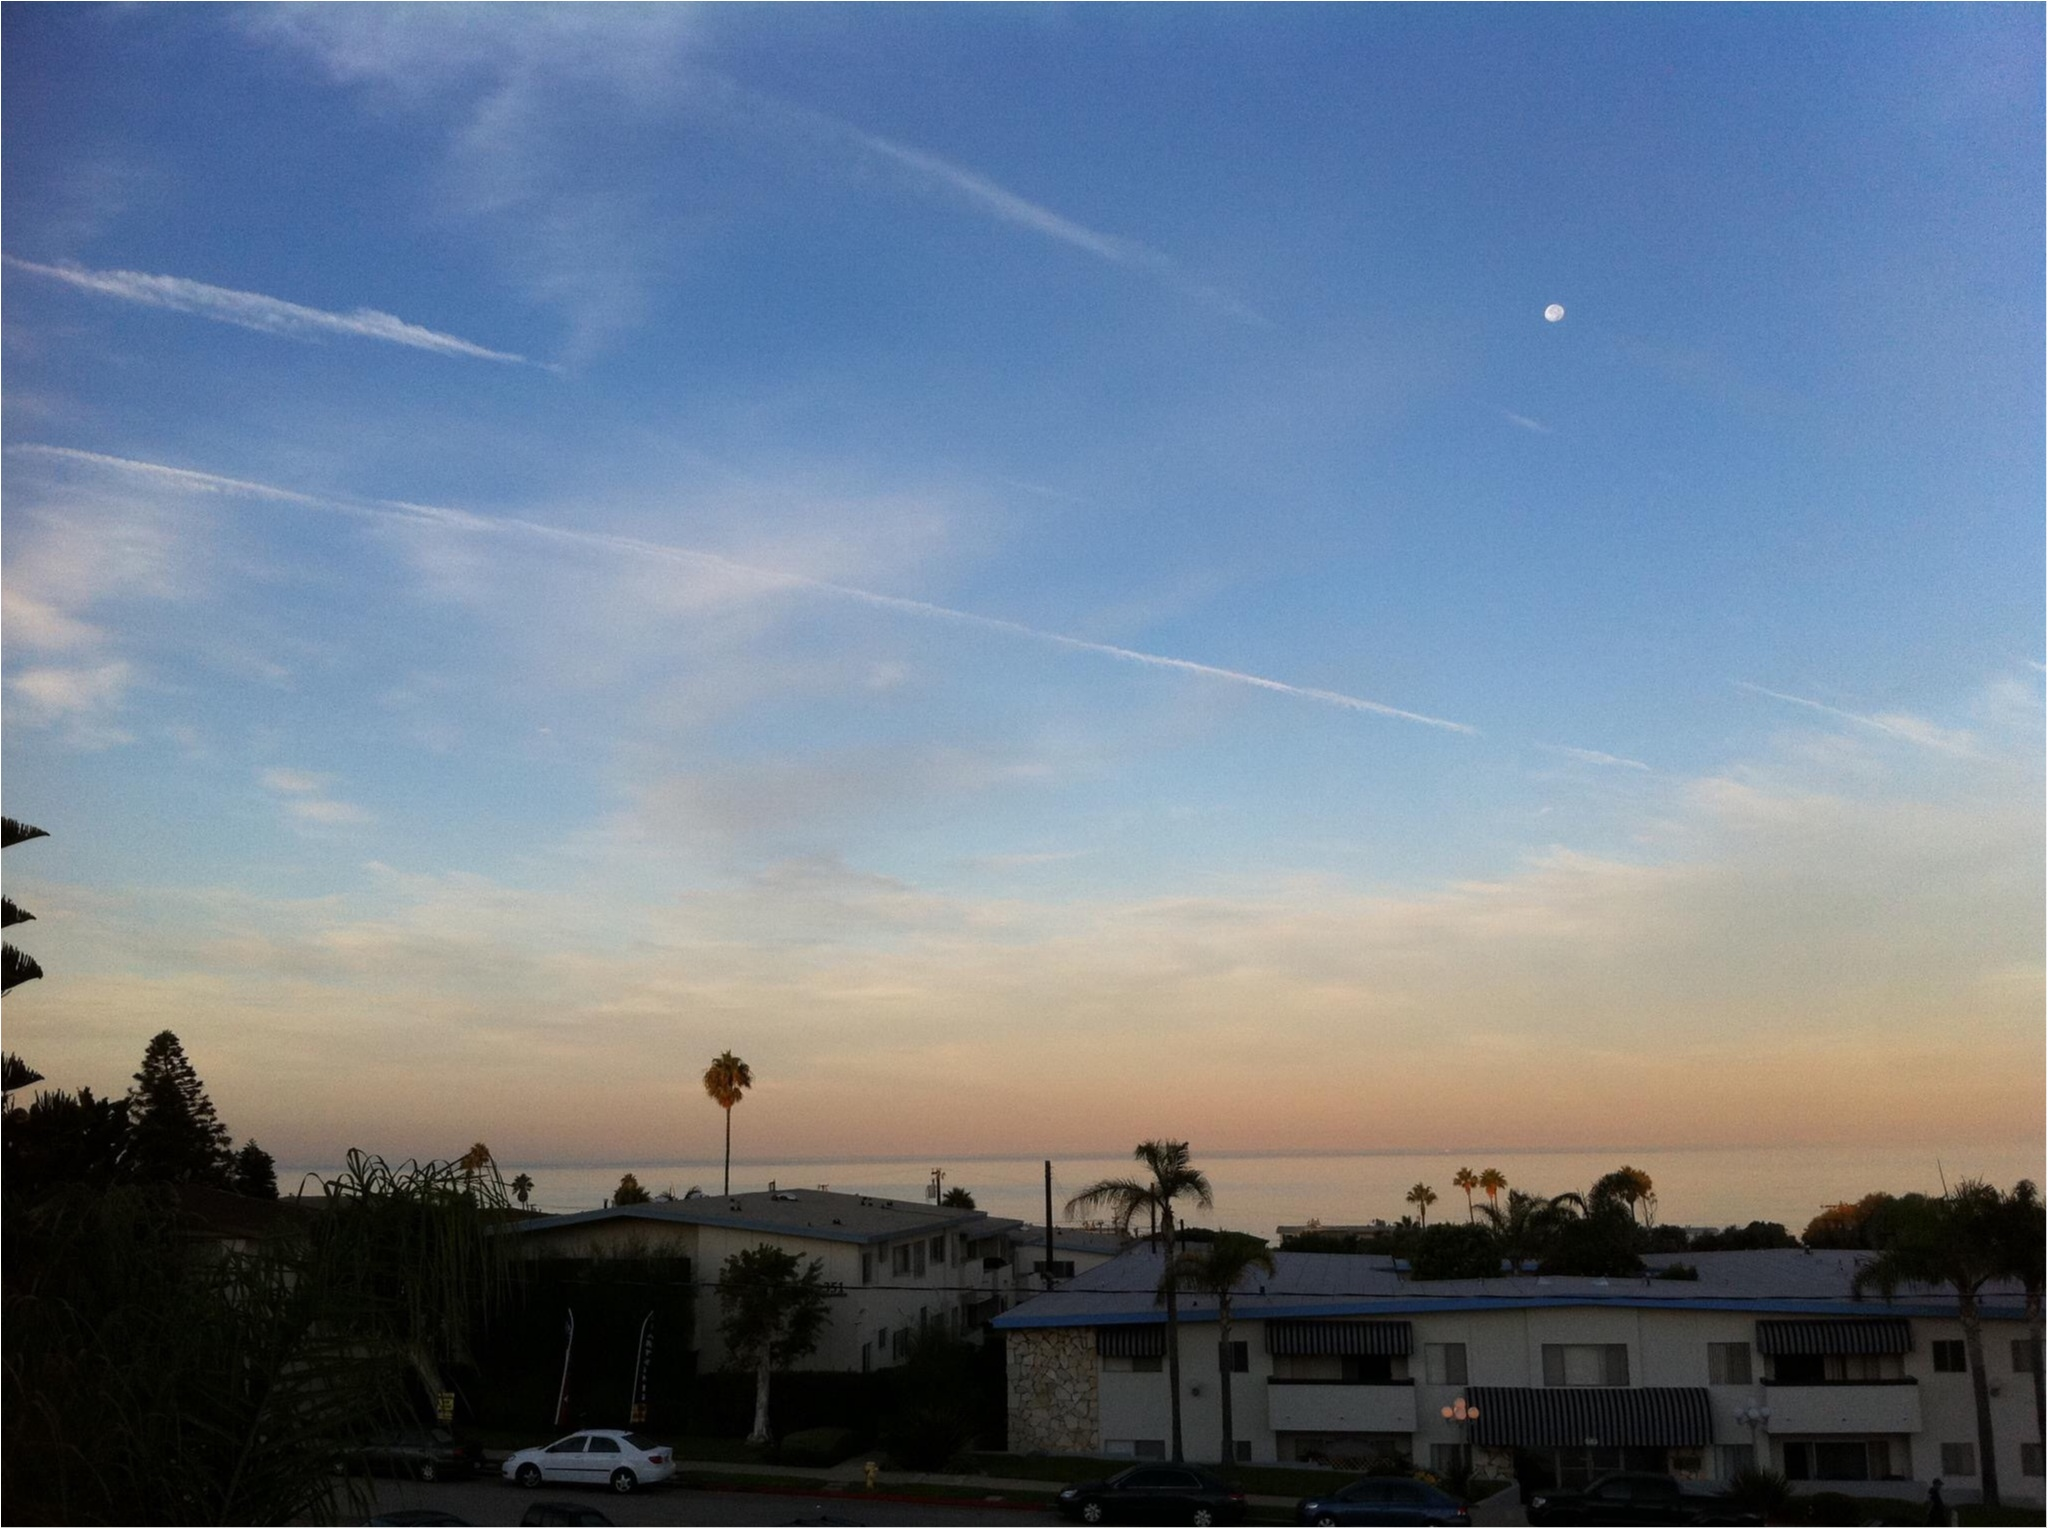 写真でも、きっと伝わるこの魅力✨朝から晩まで眺めた《*ロサンゼルスの広い空*》_2